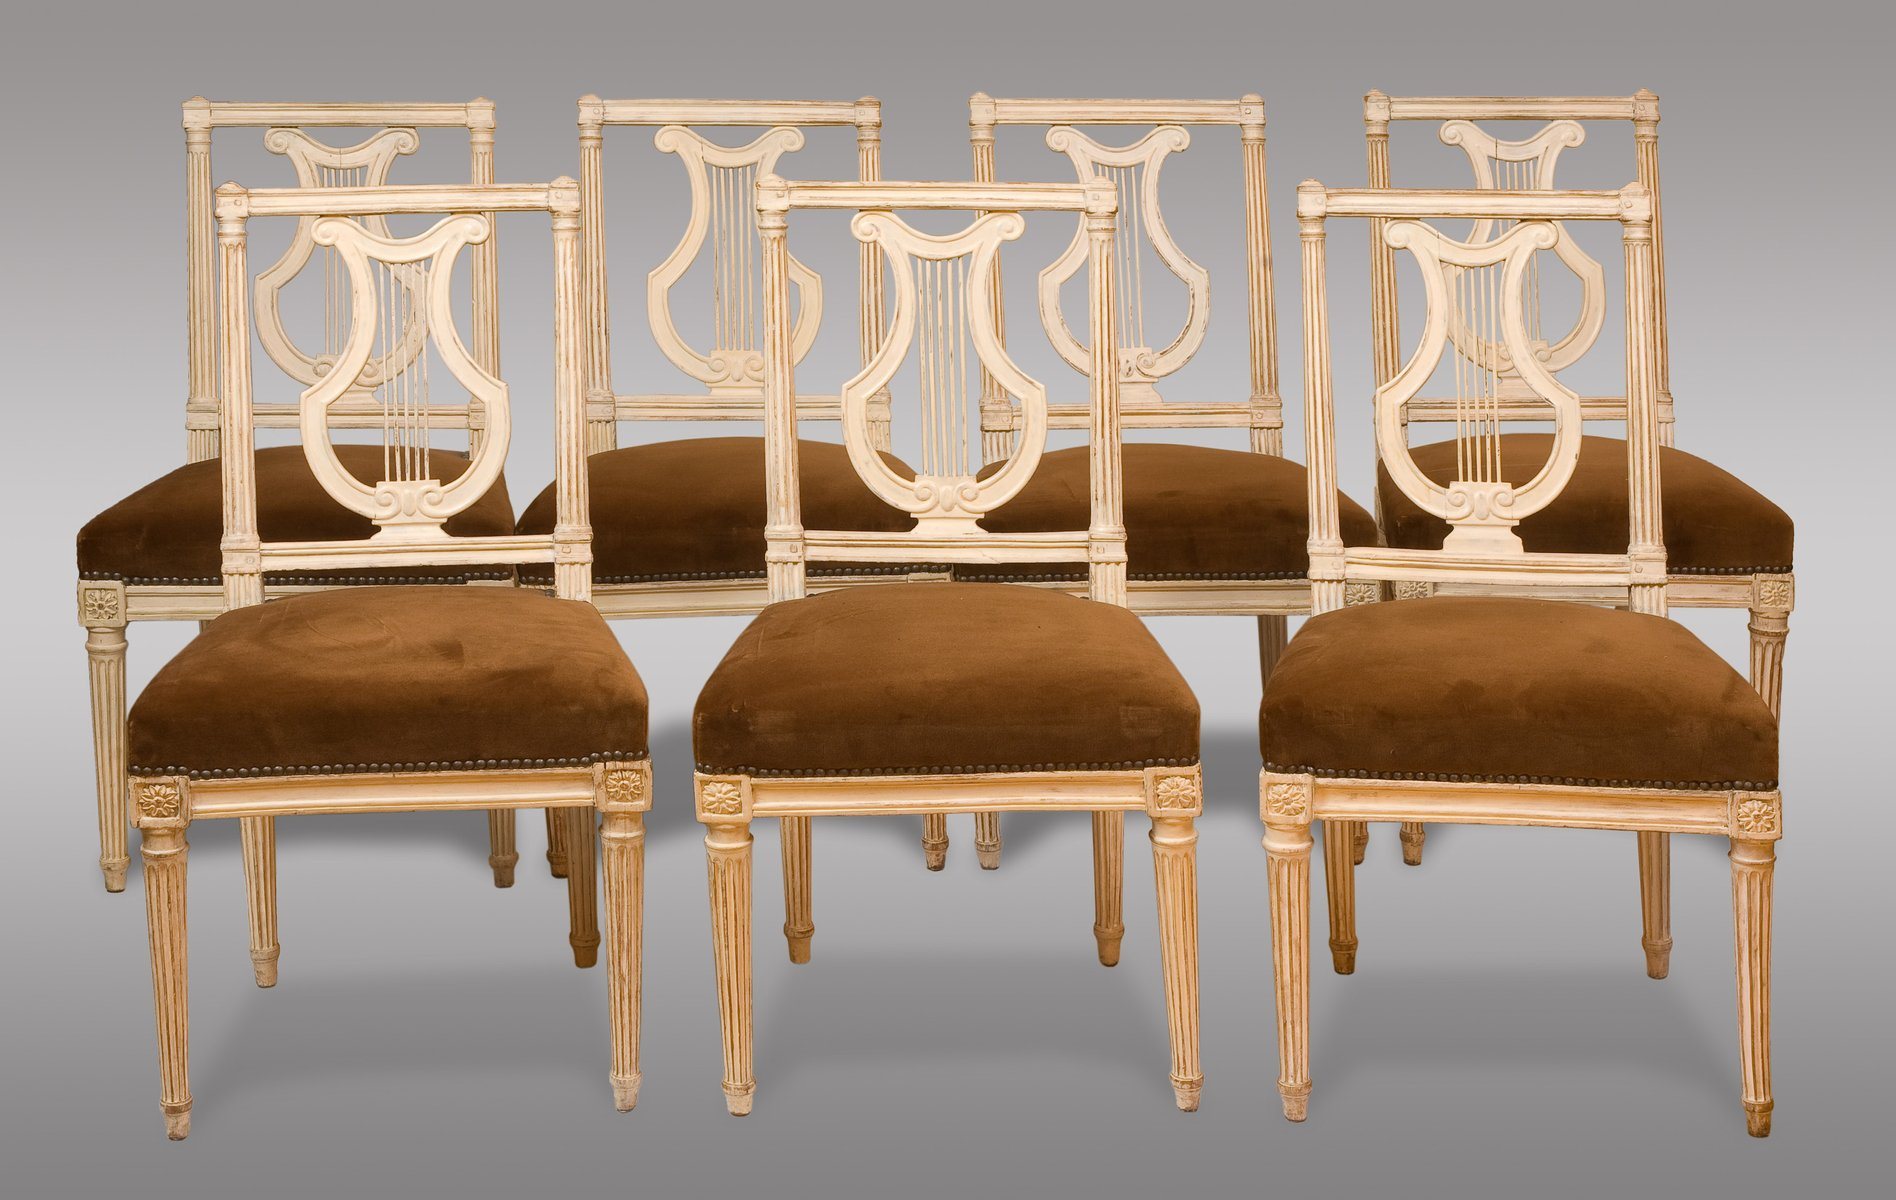 Sedie antiche Luigi XVI, fine XVII secolo, set di 8 in vendita su Pamono